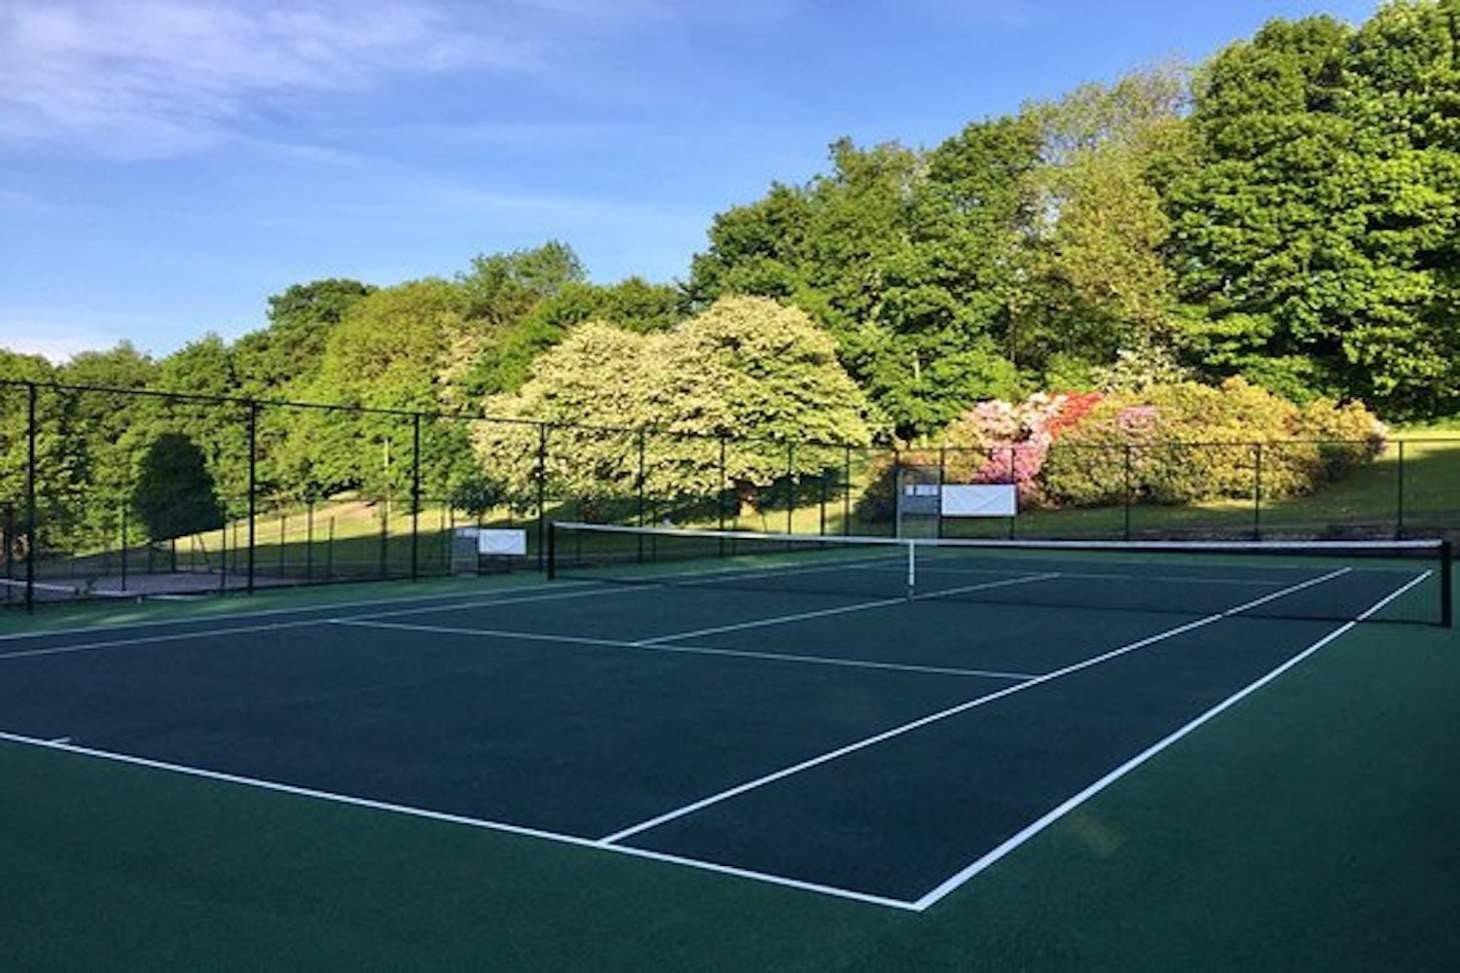 Bingham Park Outdoor | Hard (macadam) tennis court